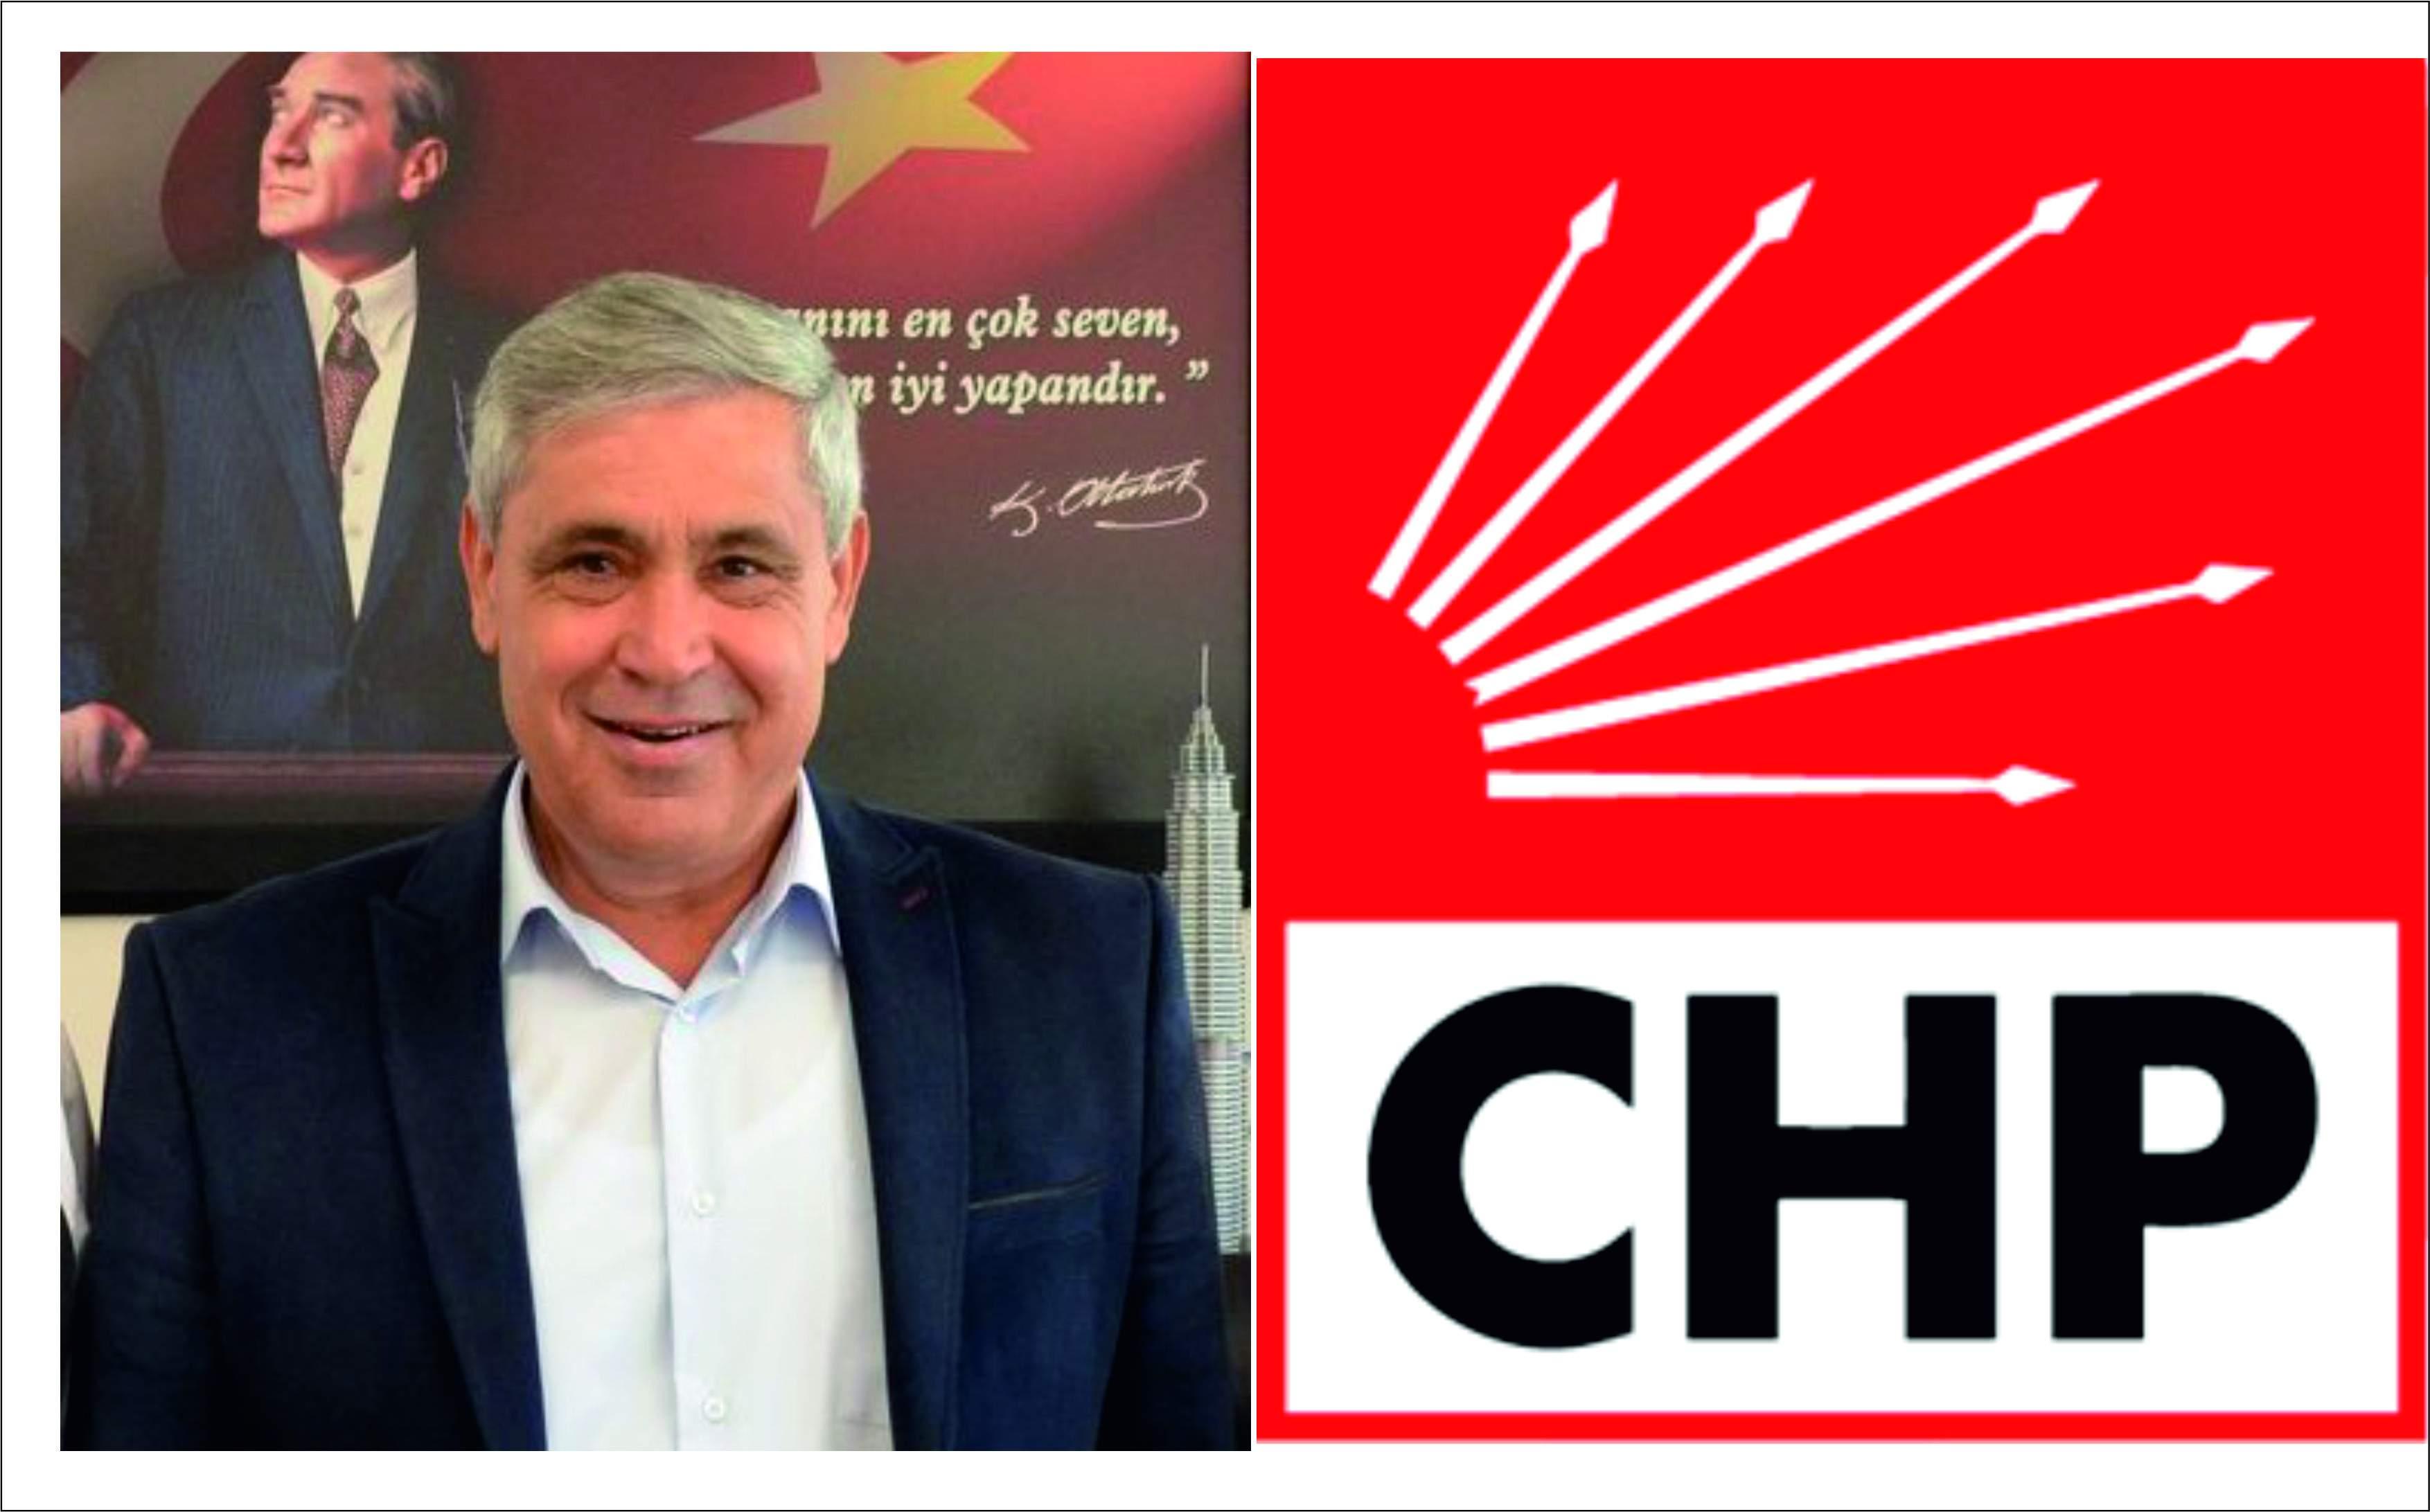 DALAMAN'DAKİ MECLİS ÜYELERİ ADAYLARINA İLK BAKIŞ-3-CHP